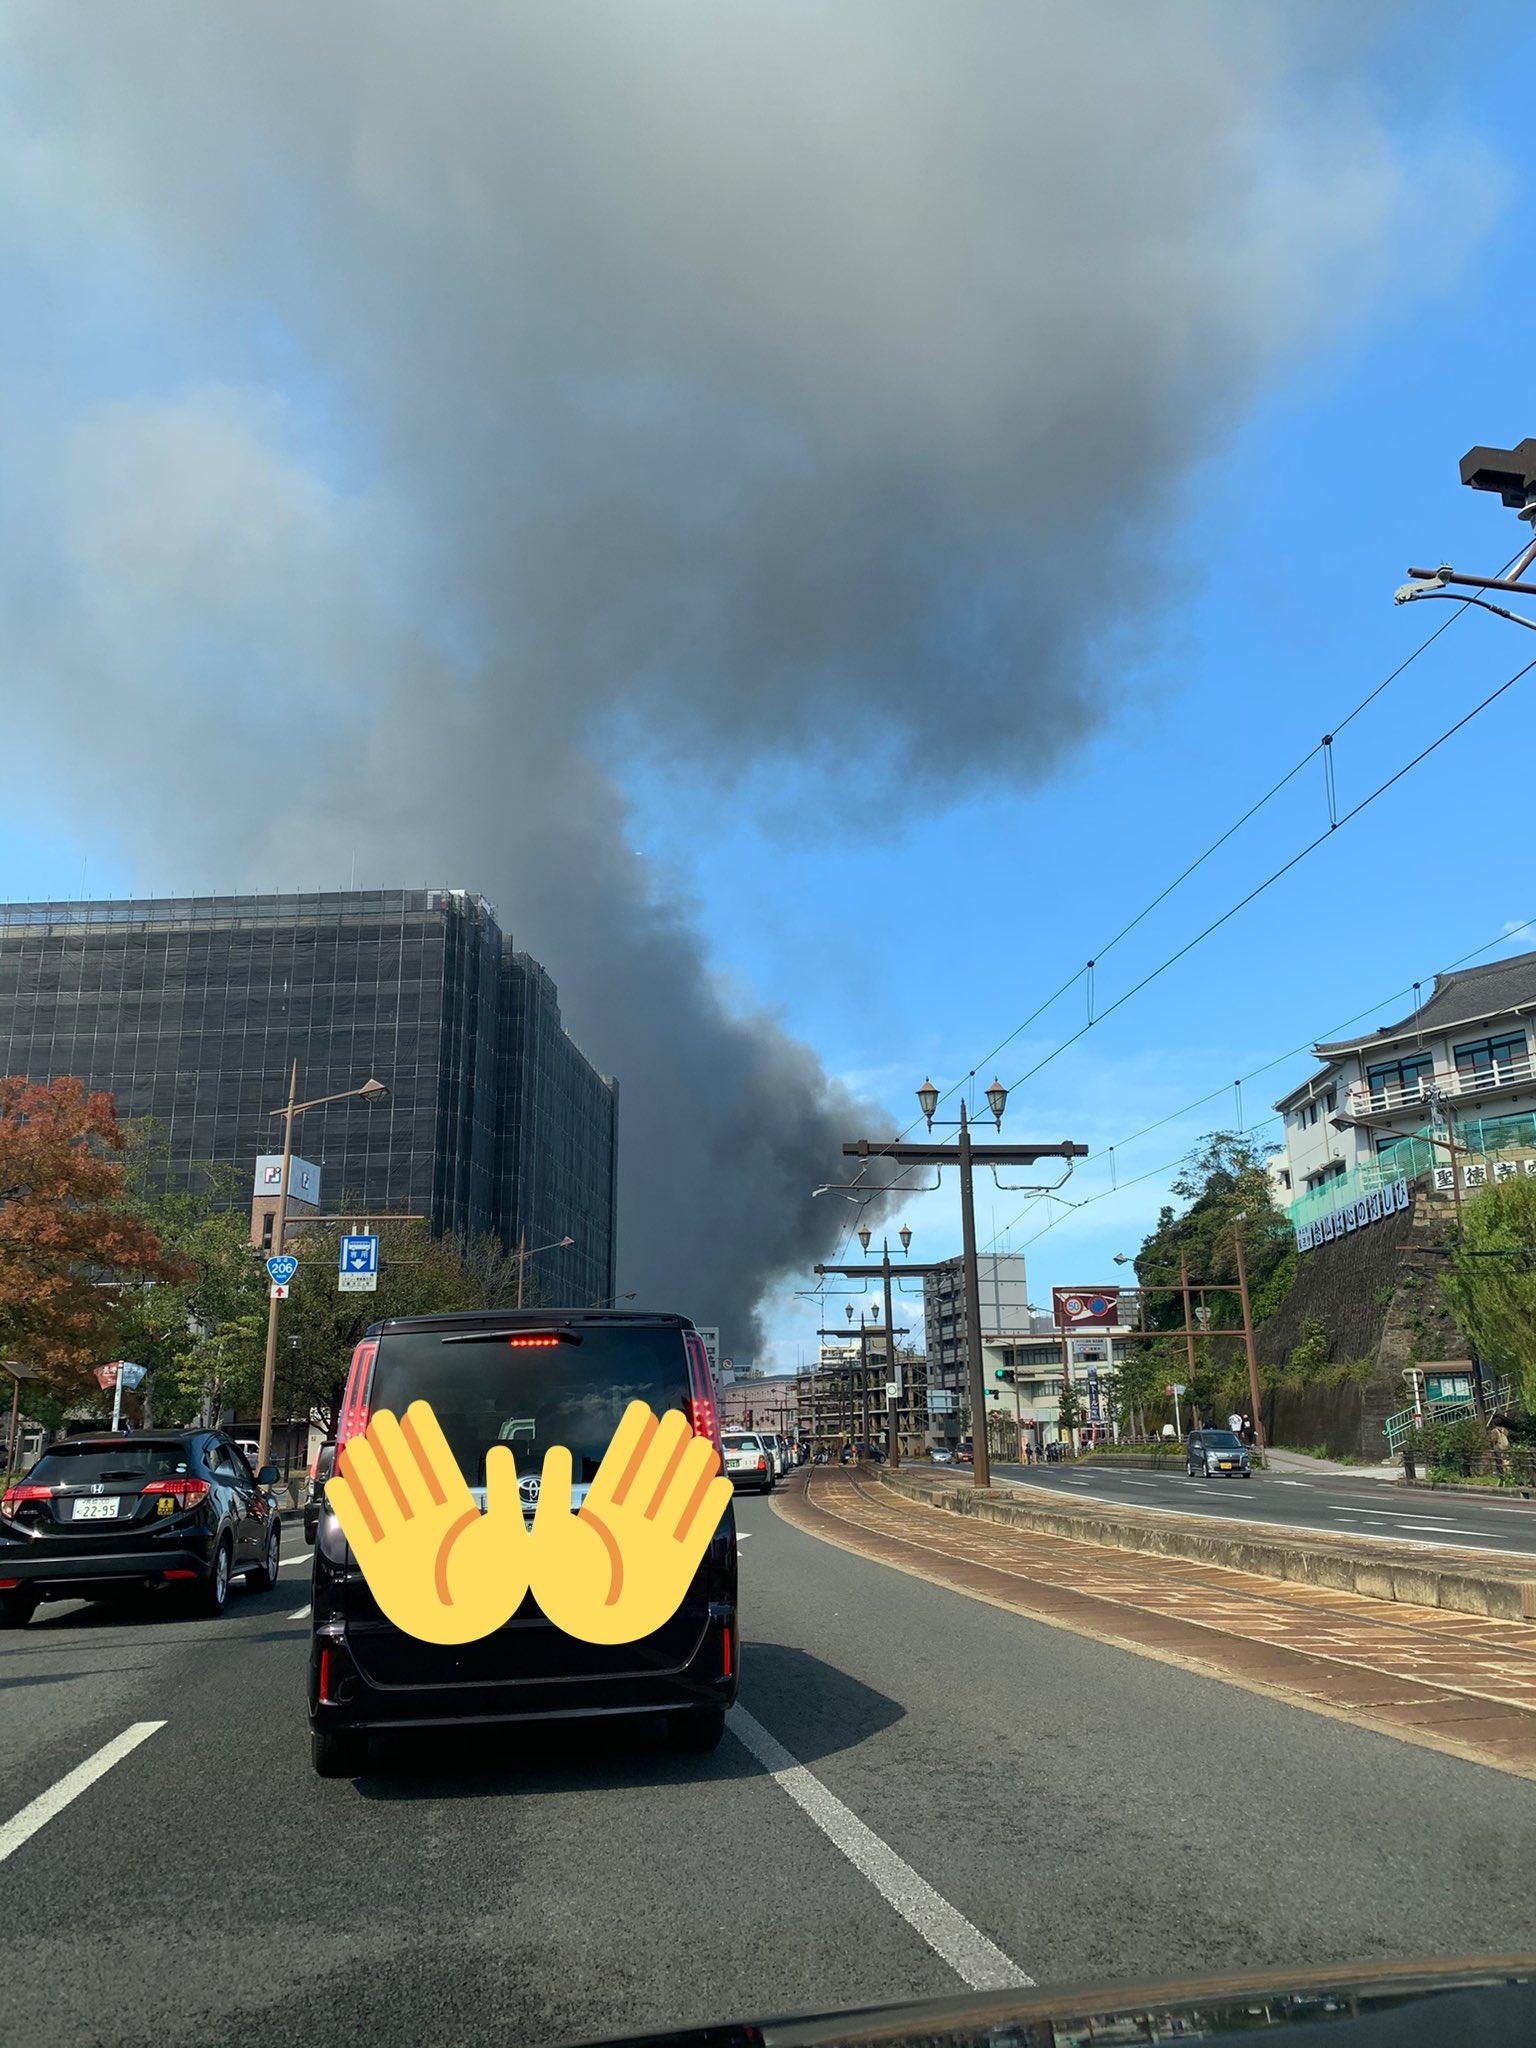 画像,浦上駅付近で火事みたいです😱 https://t.co/xoqub2dEs4。